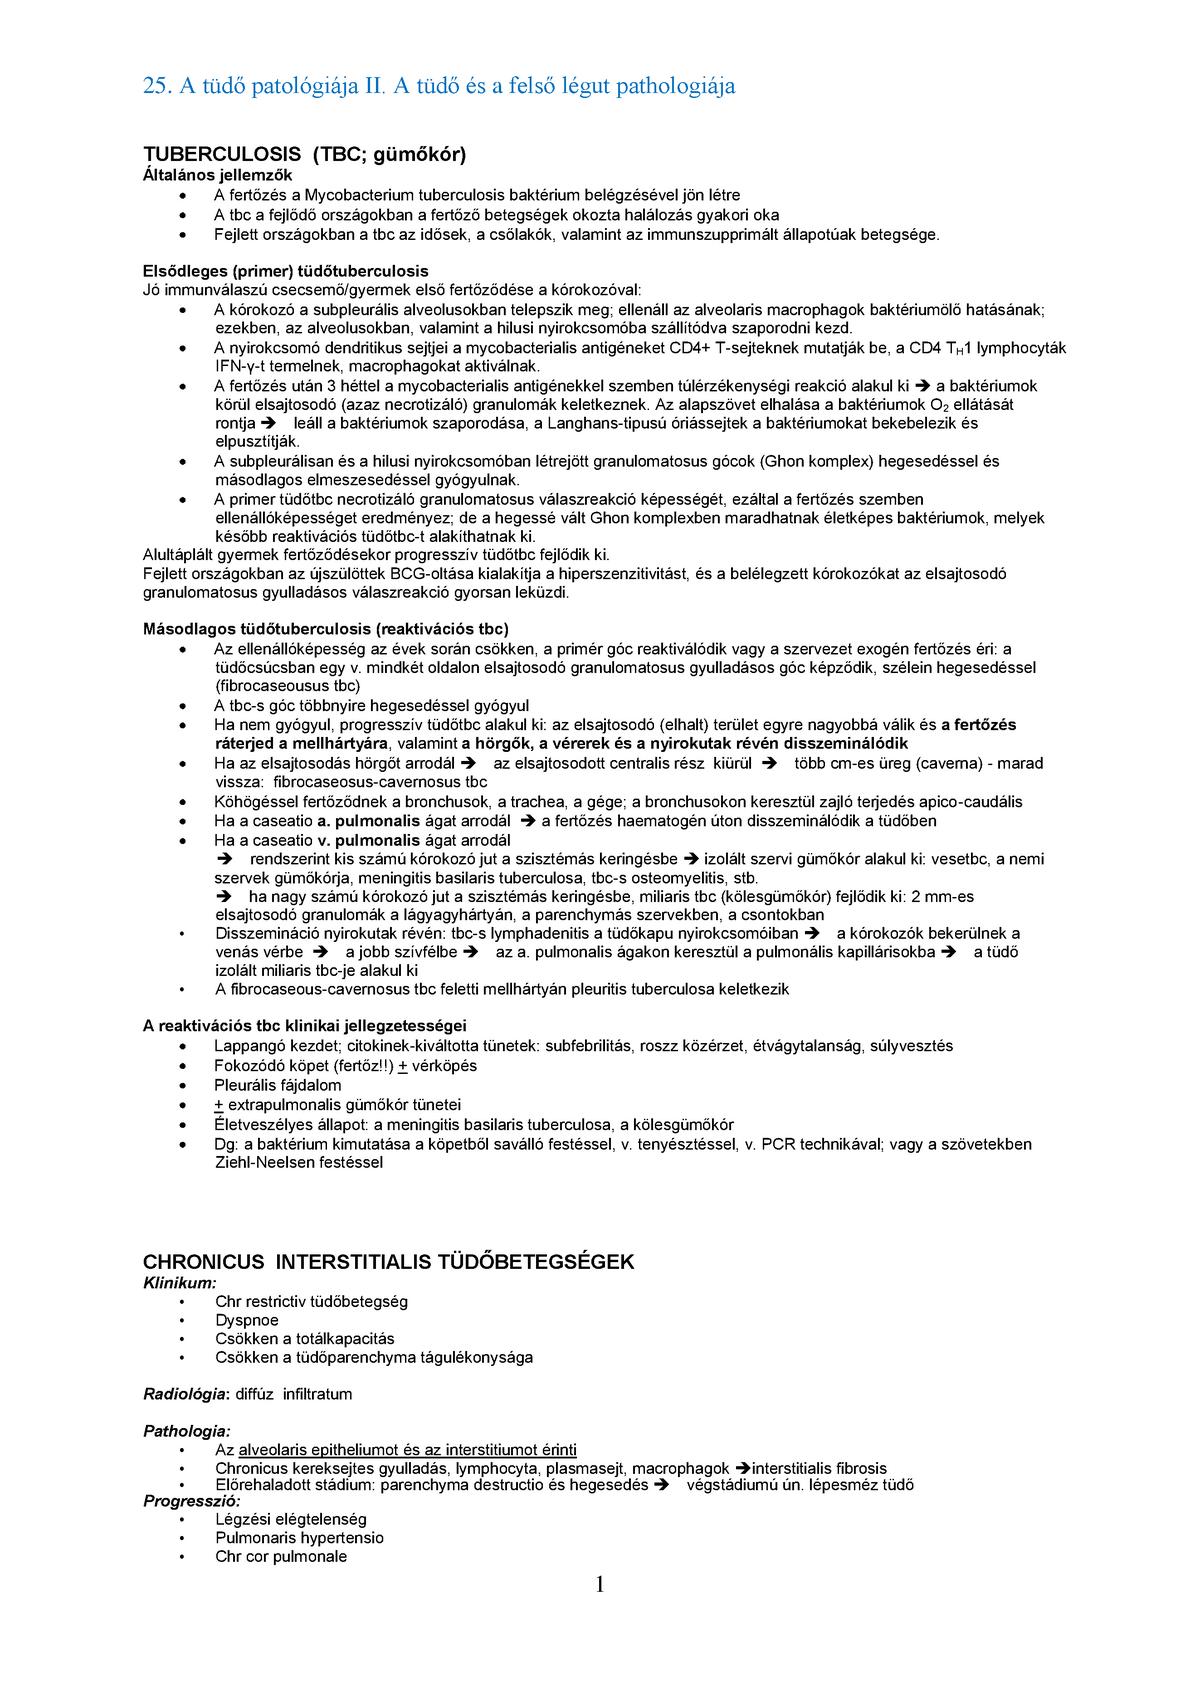 légzési papillomatosis esetek)